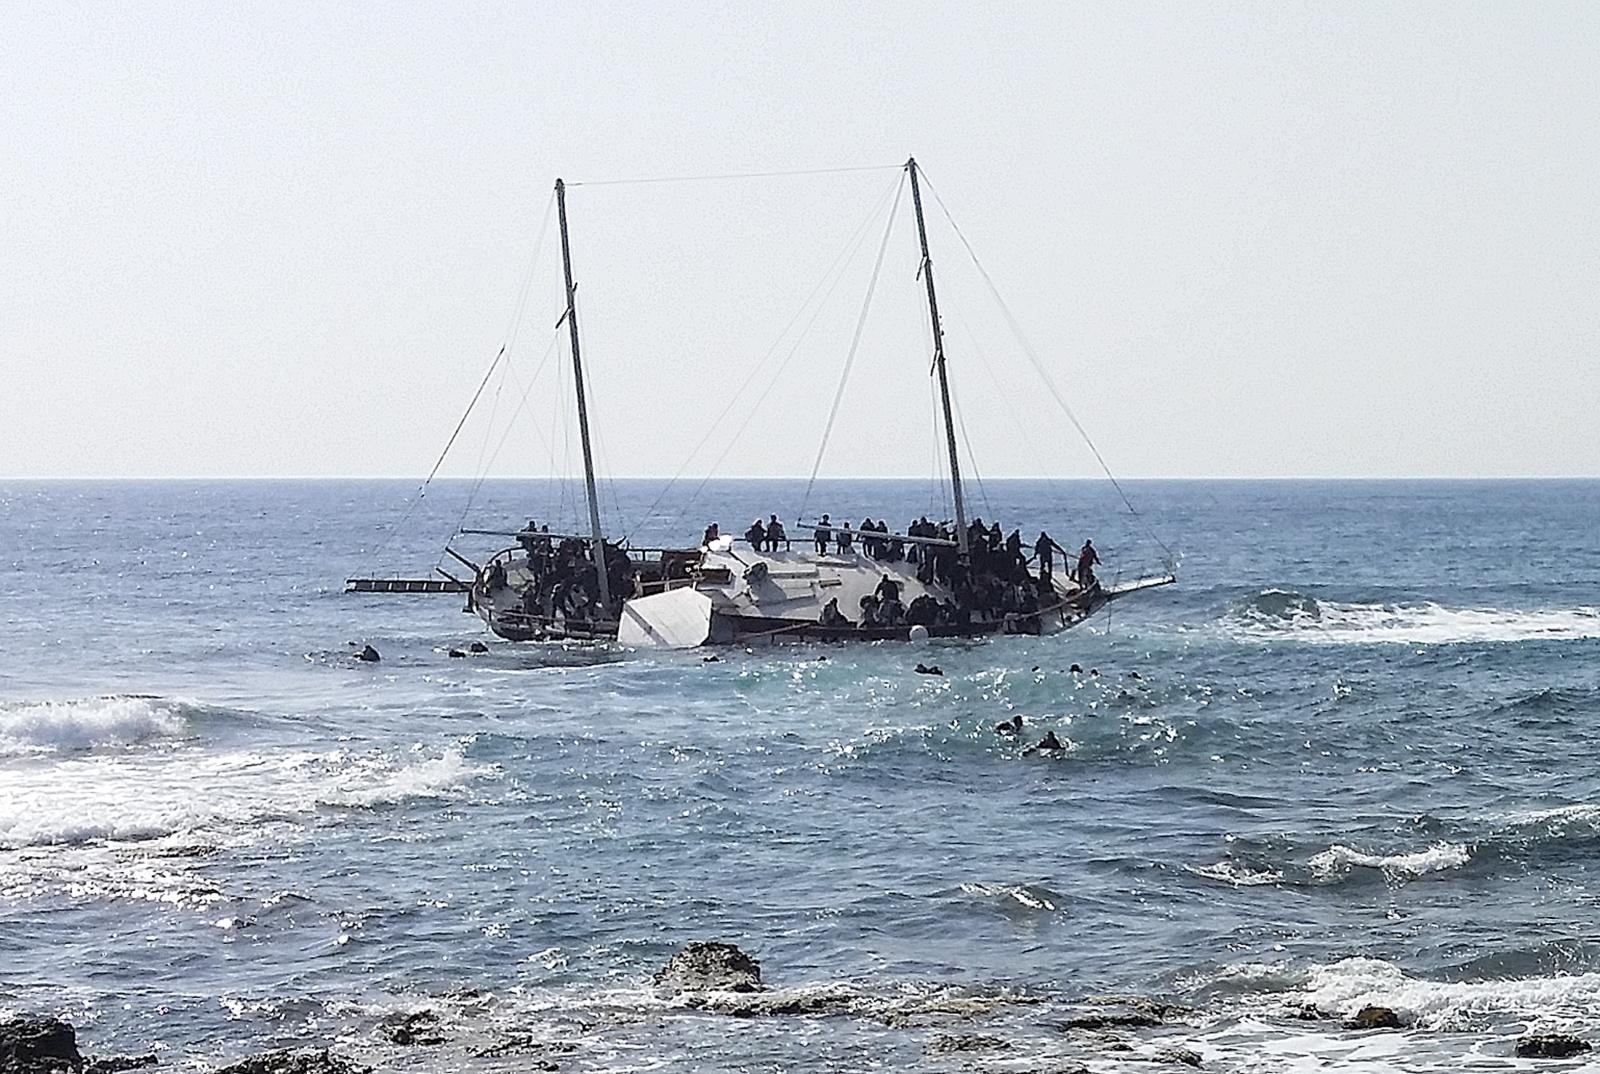 Mediterranean boat tragedy